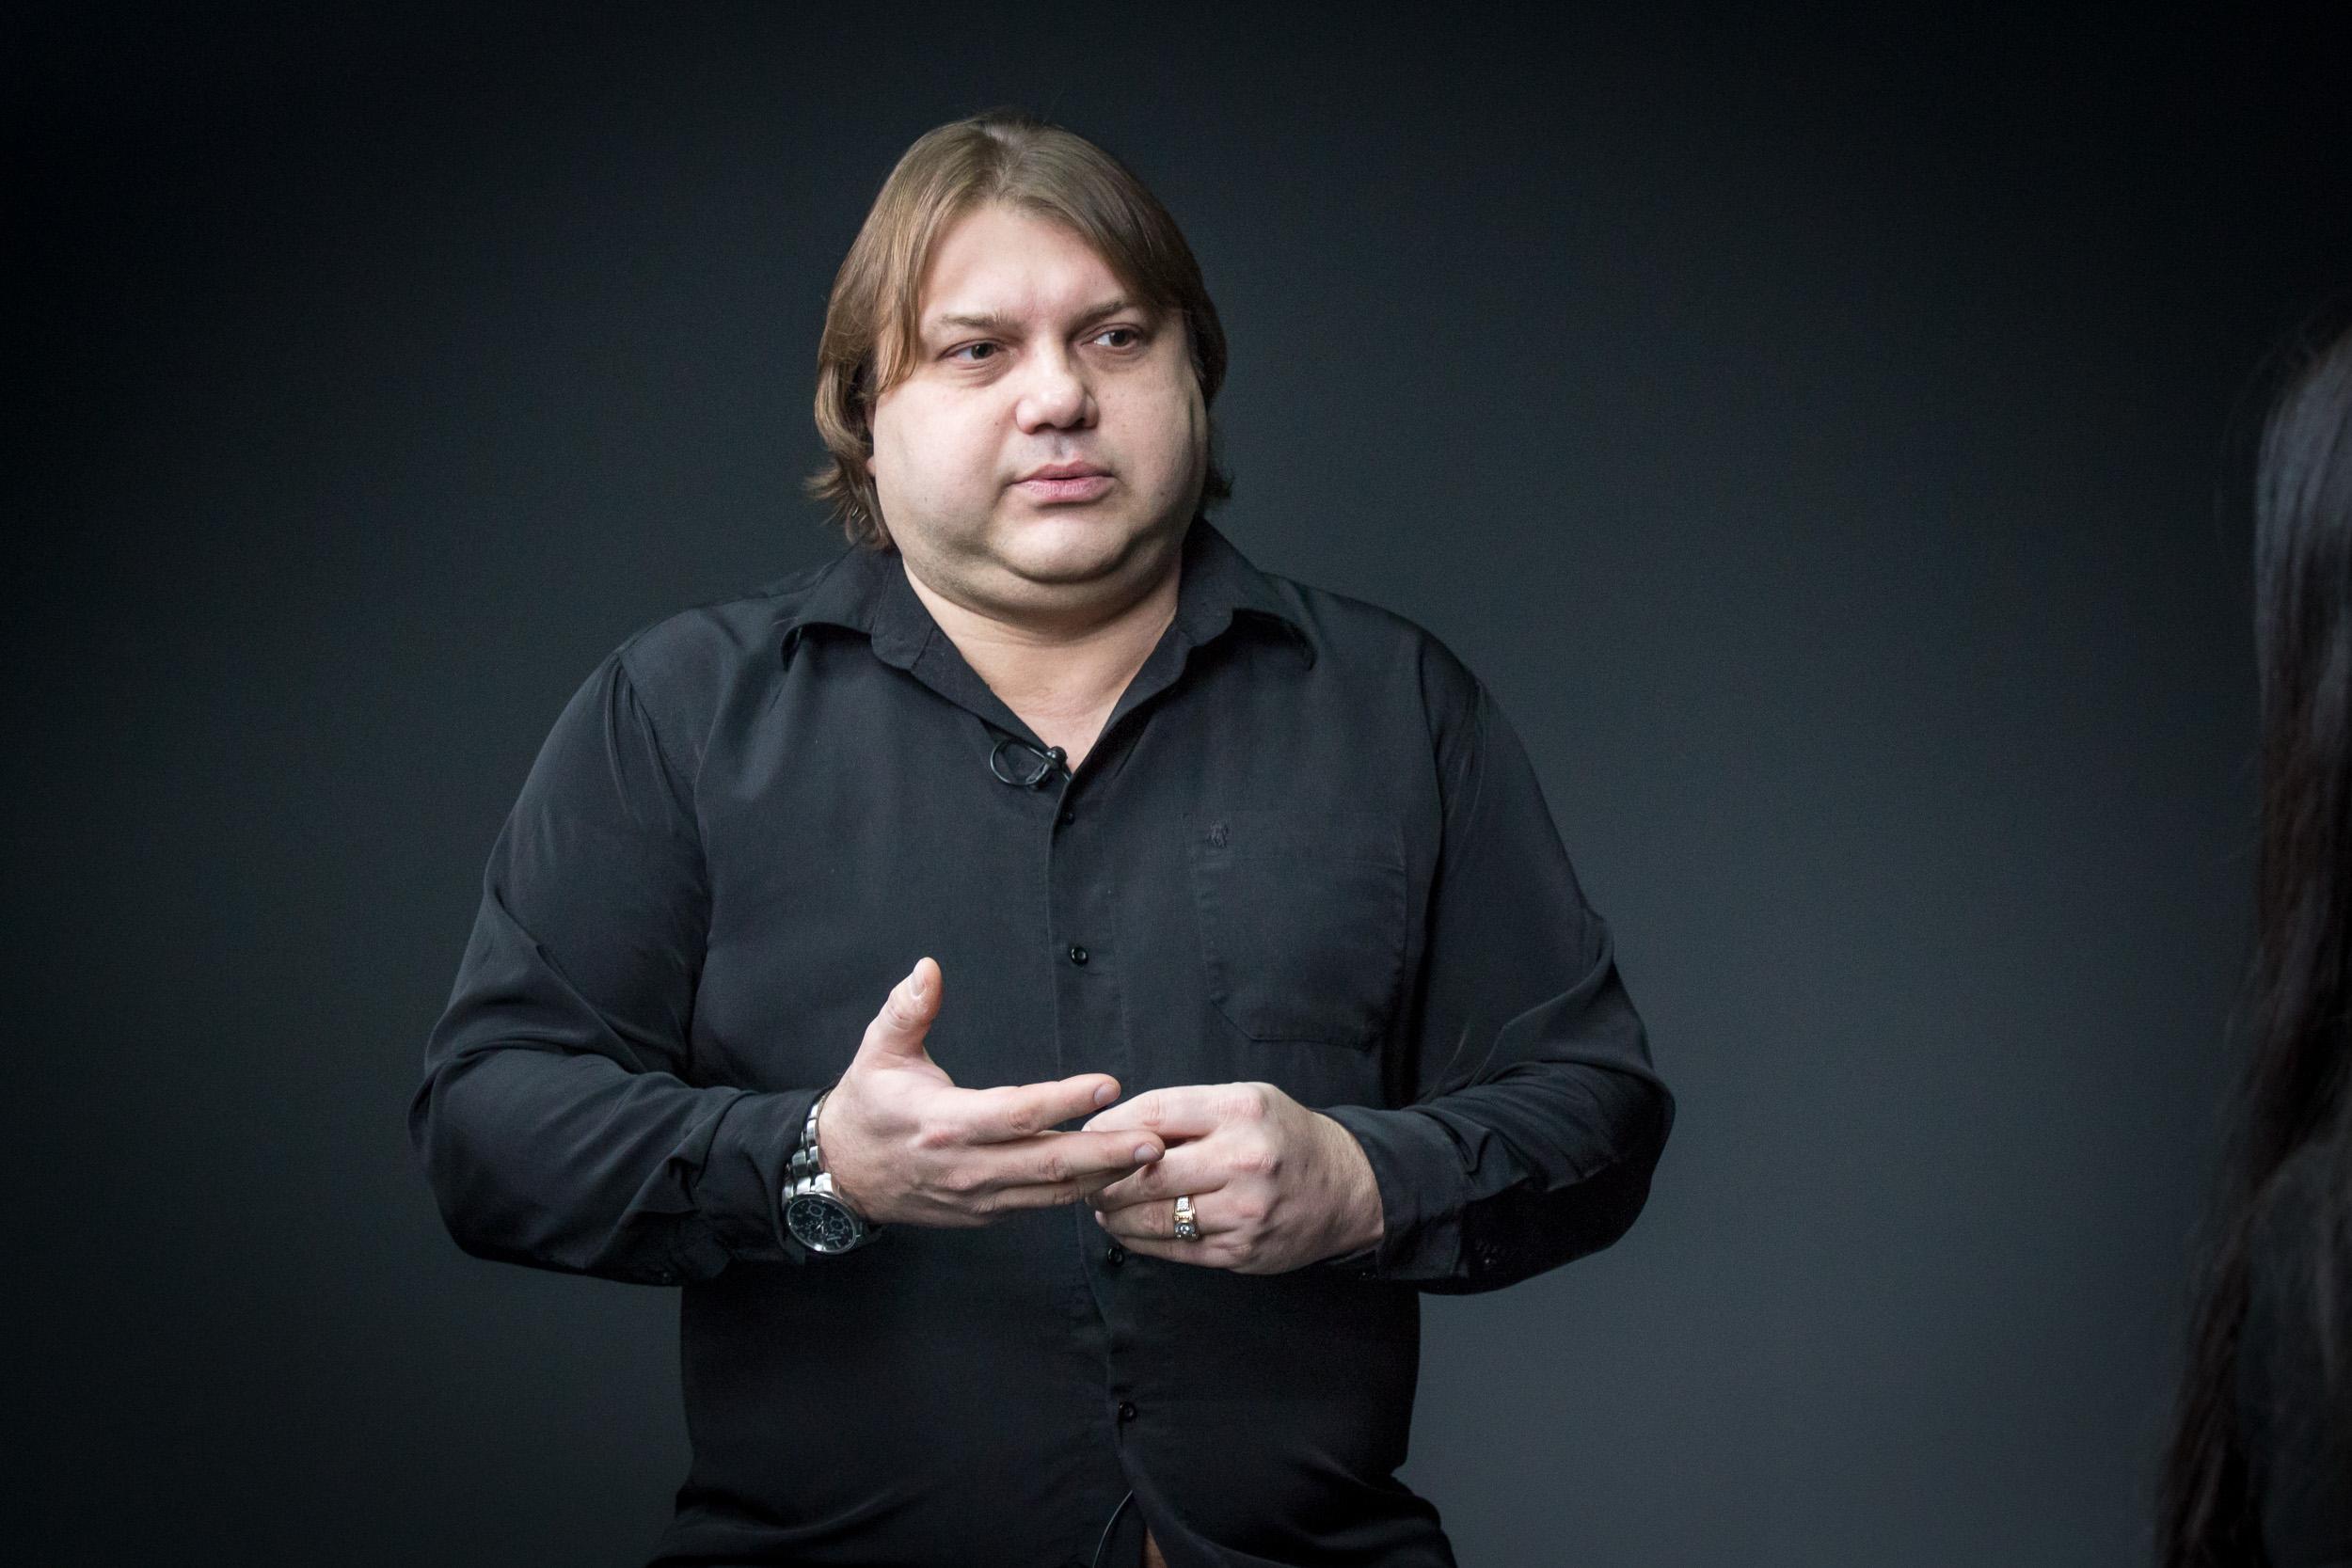 Астролог предсказал развал России и конец войны на Донбассе